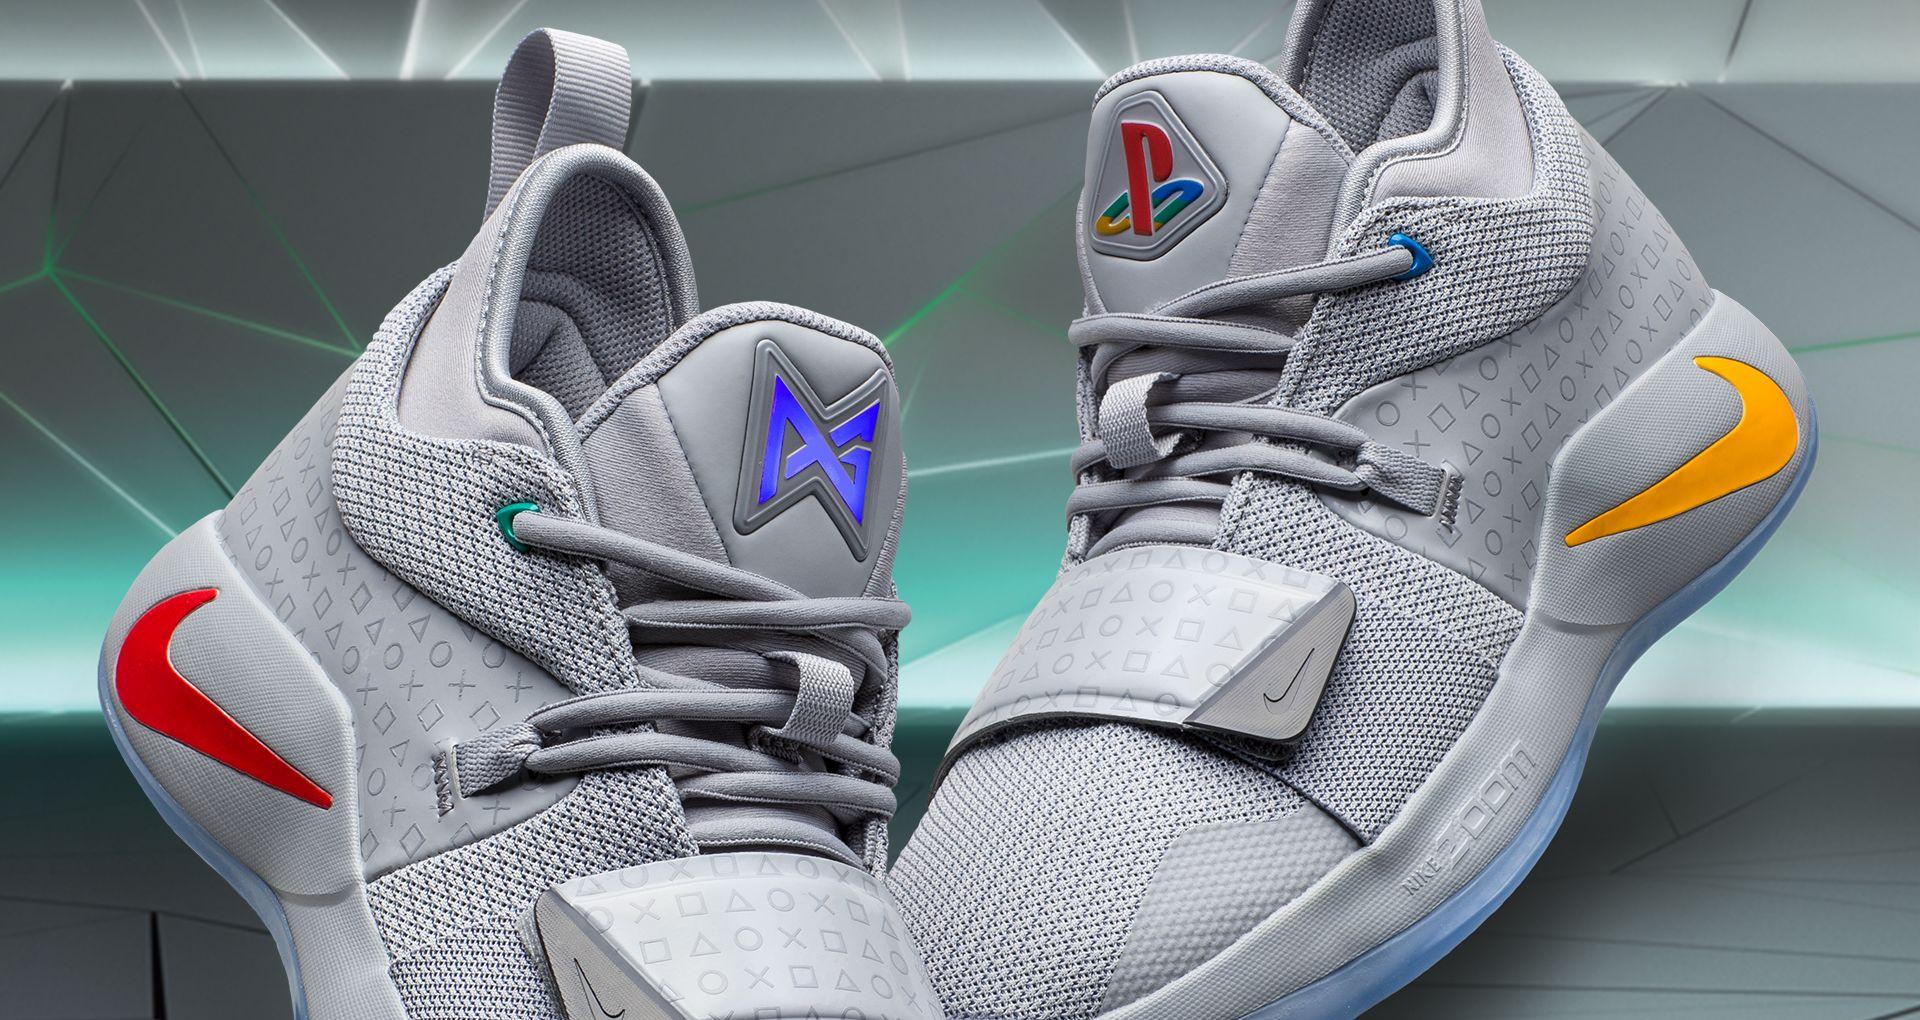 new style 3b8ed 34fd3 ® Playstation Dentro Pg X Il 5 Design 2 Nike 0BqBpwUf